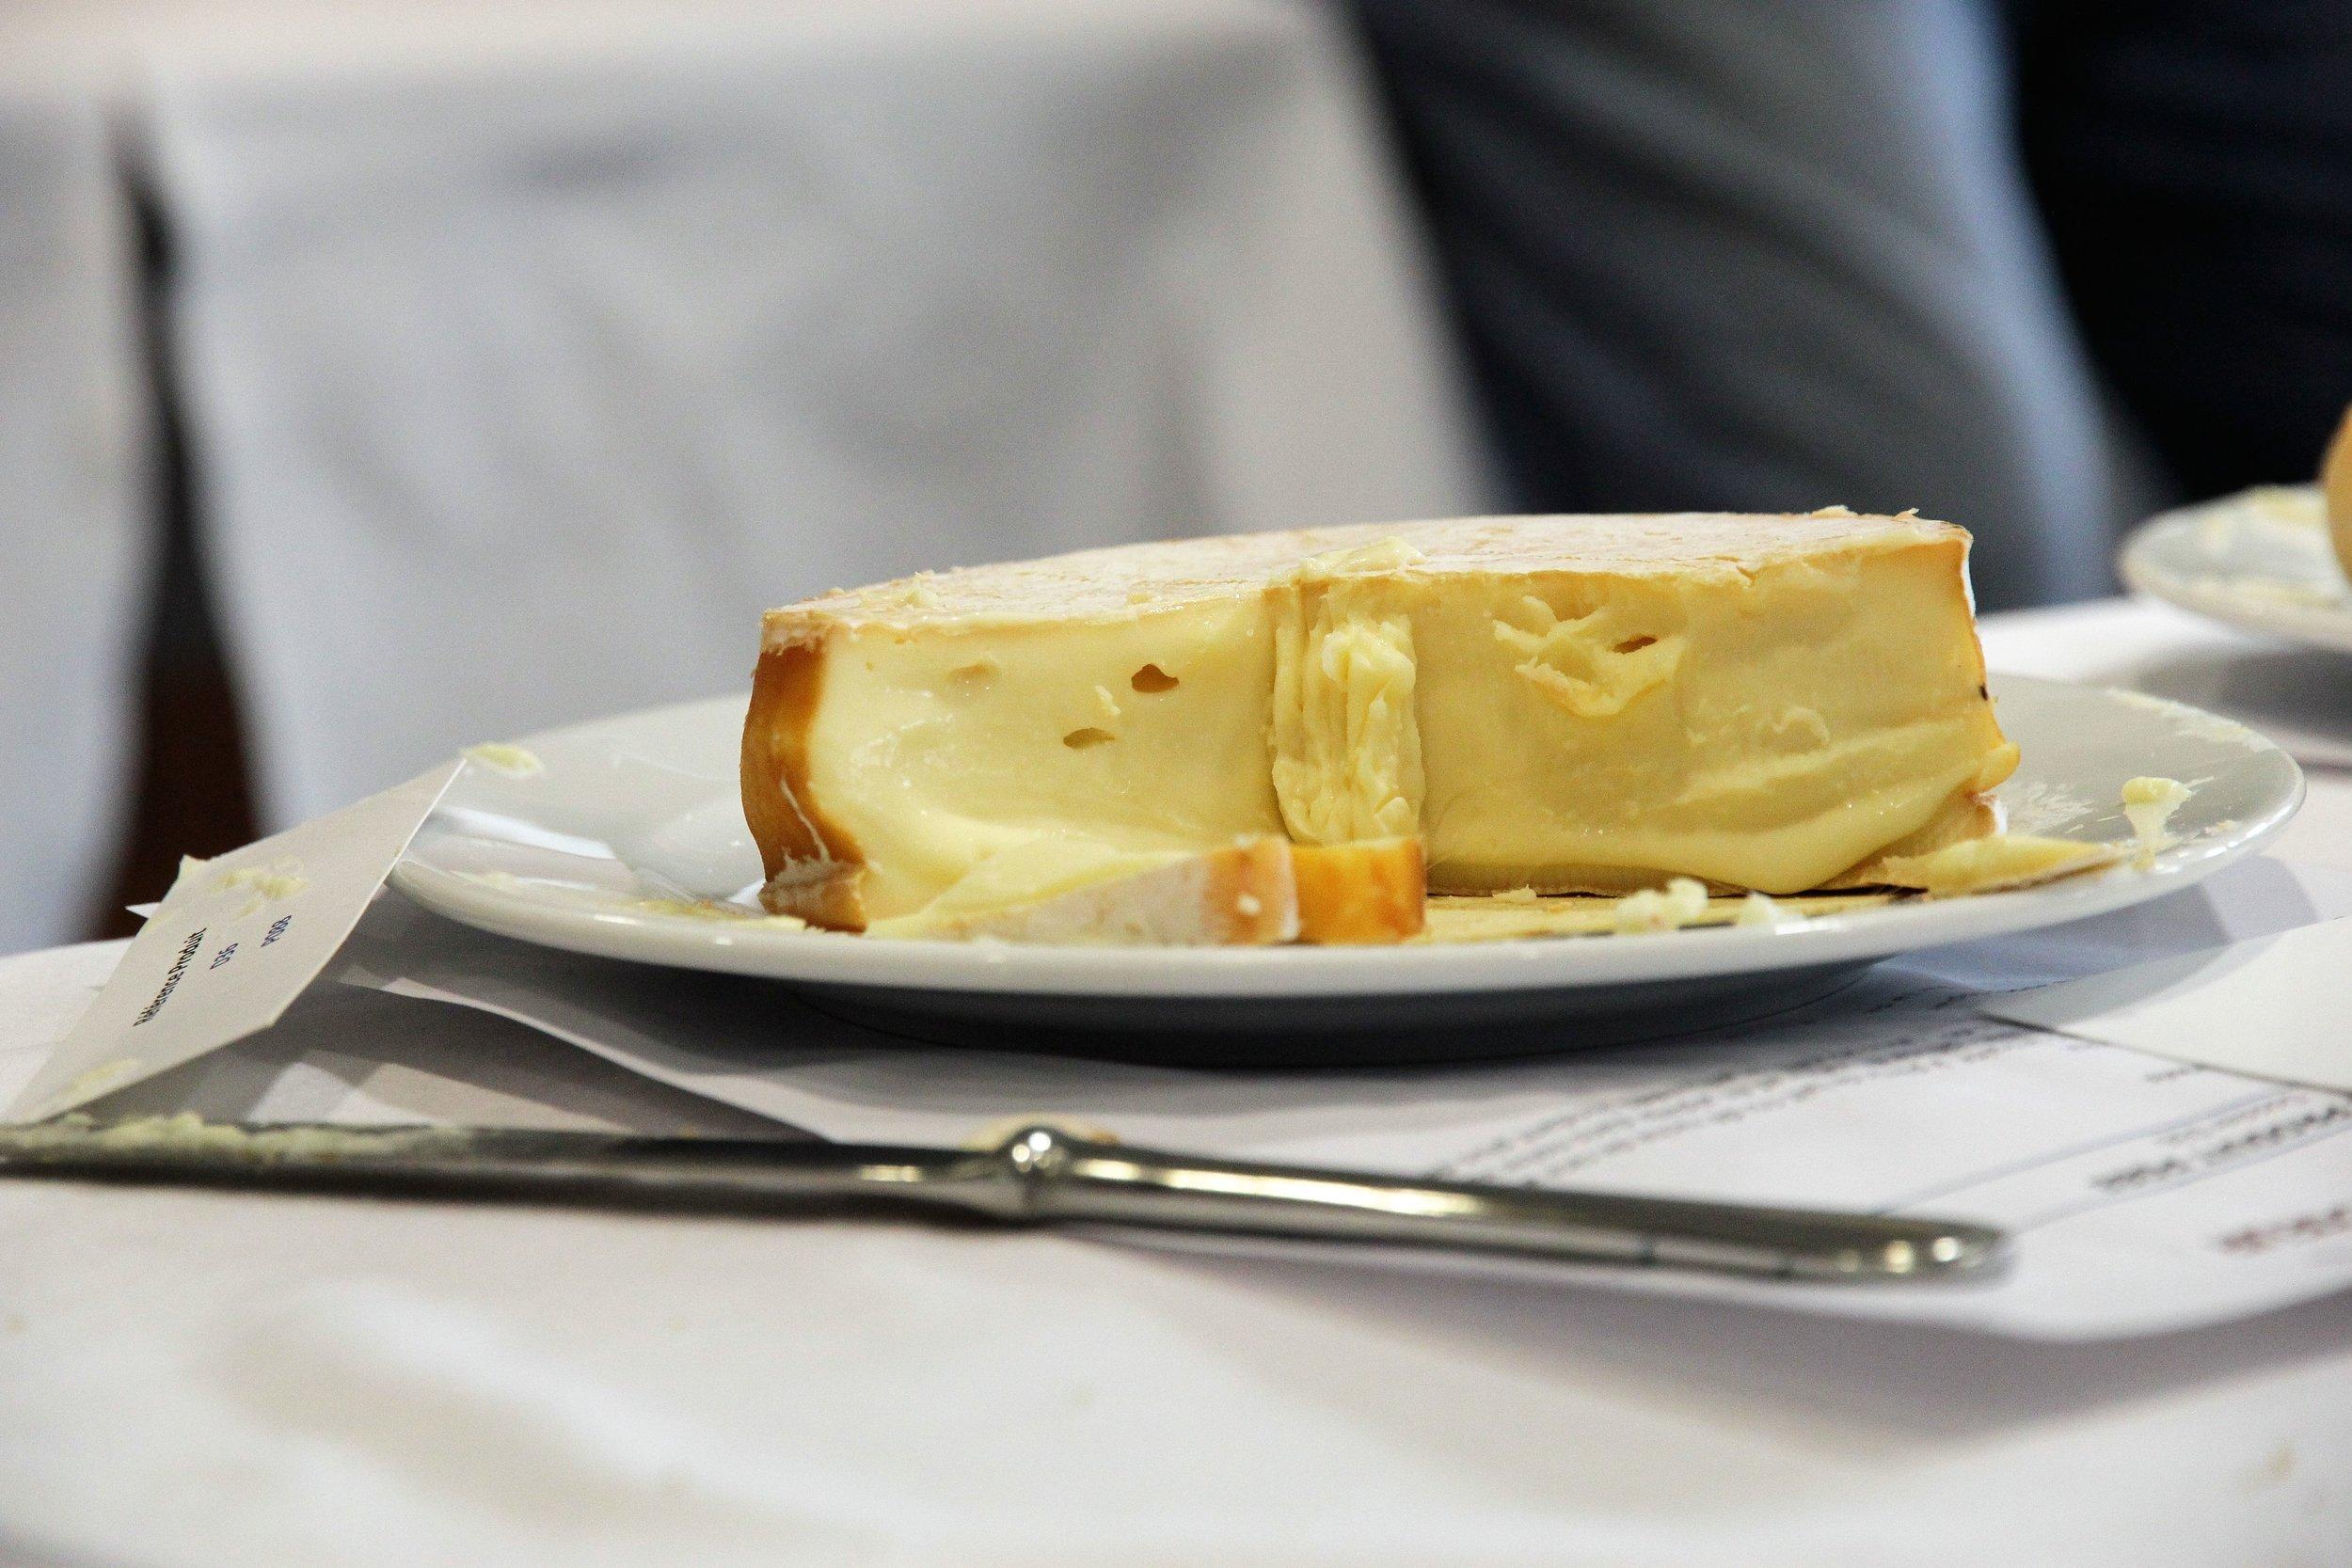 Le même fromage, après dégustation. Moins beau. :-)